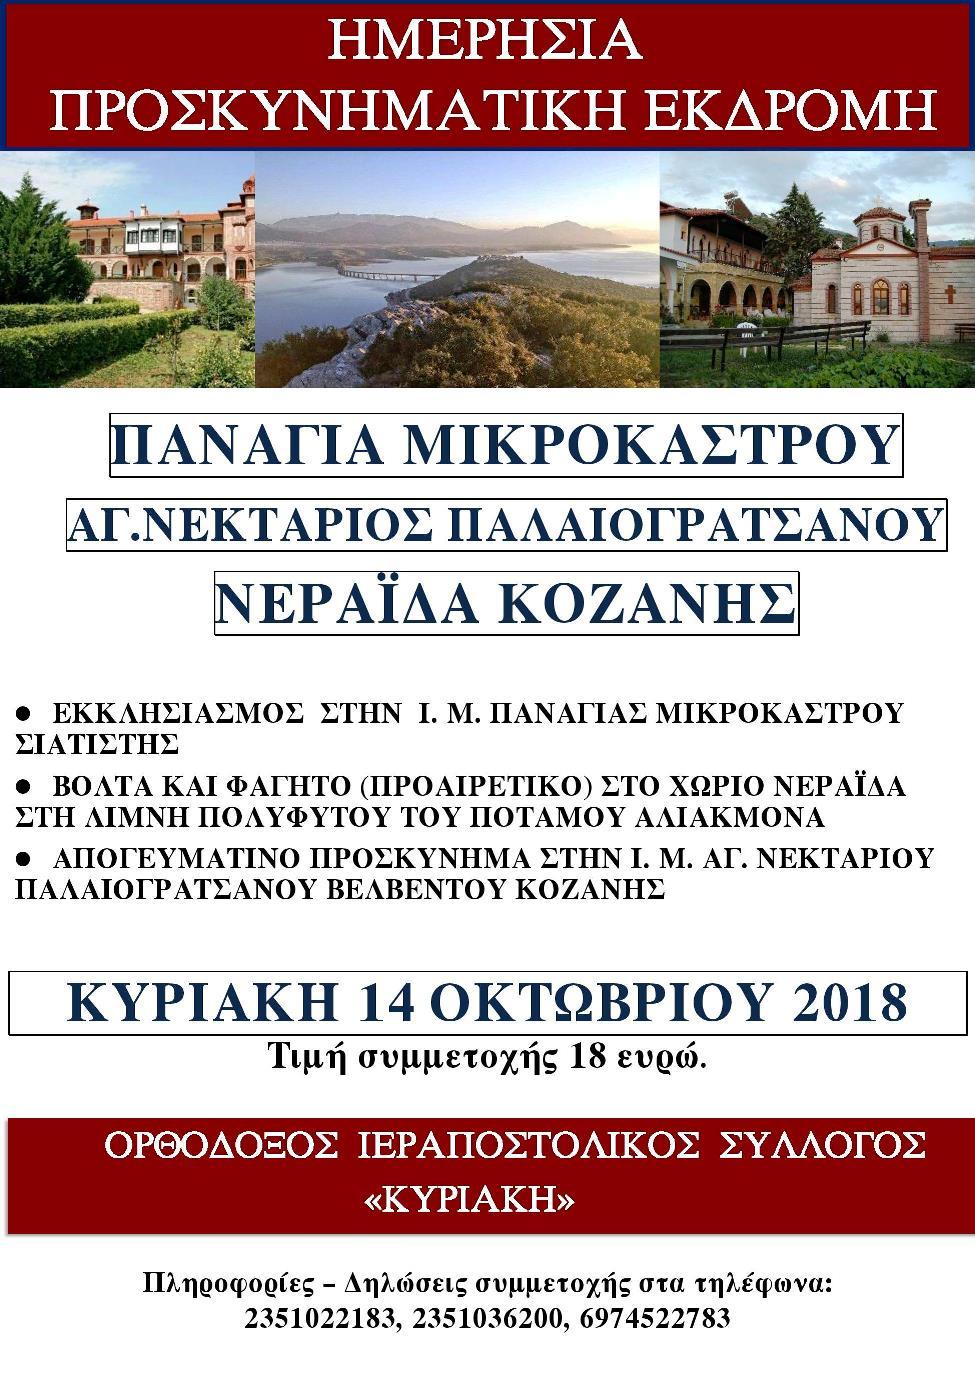 ΠΑΛΑΙΟΓΡΑΤΣΑΝΟ